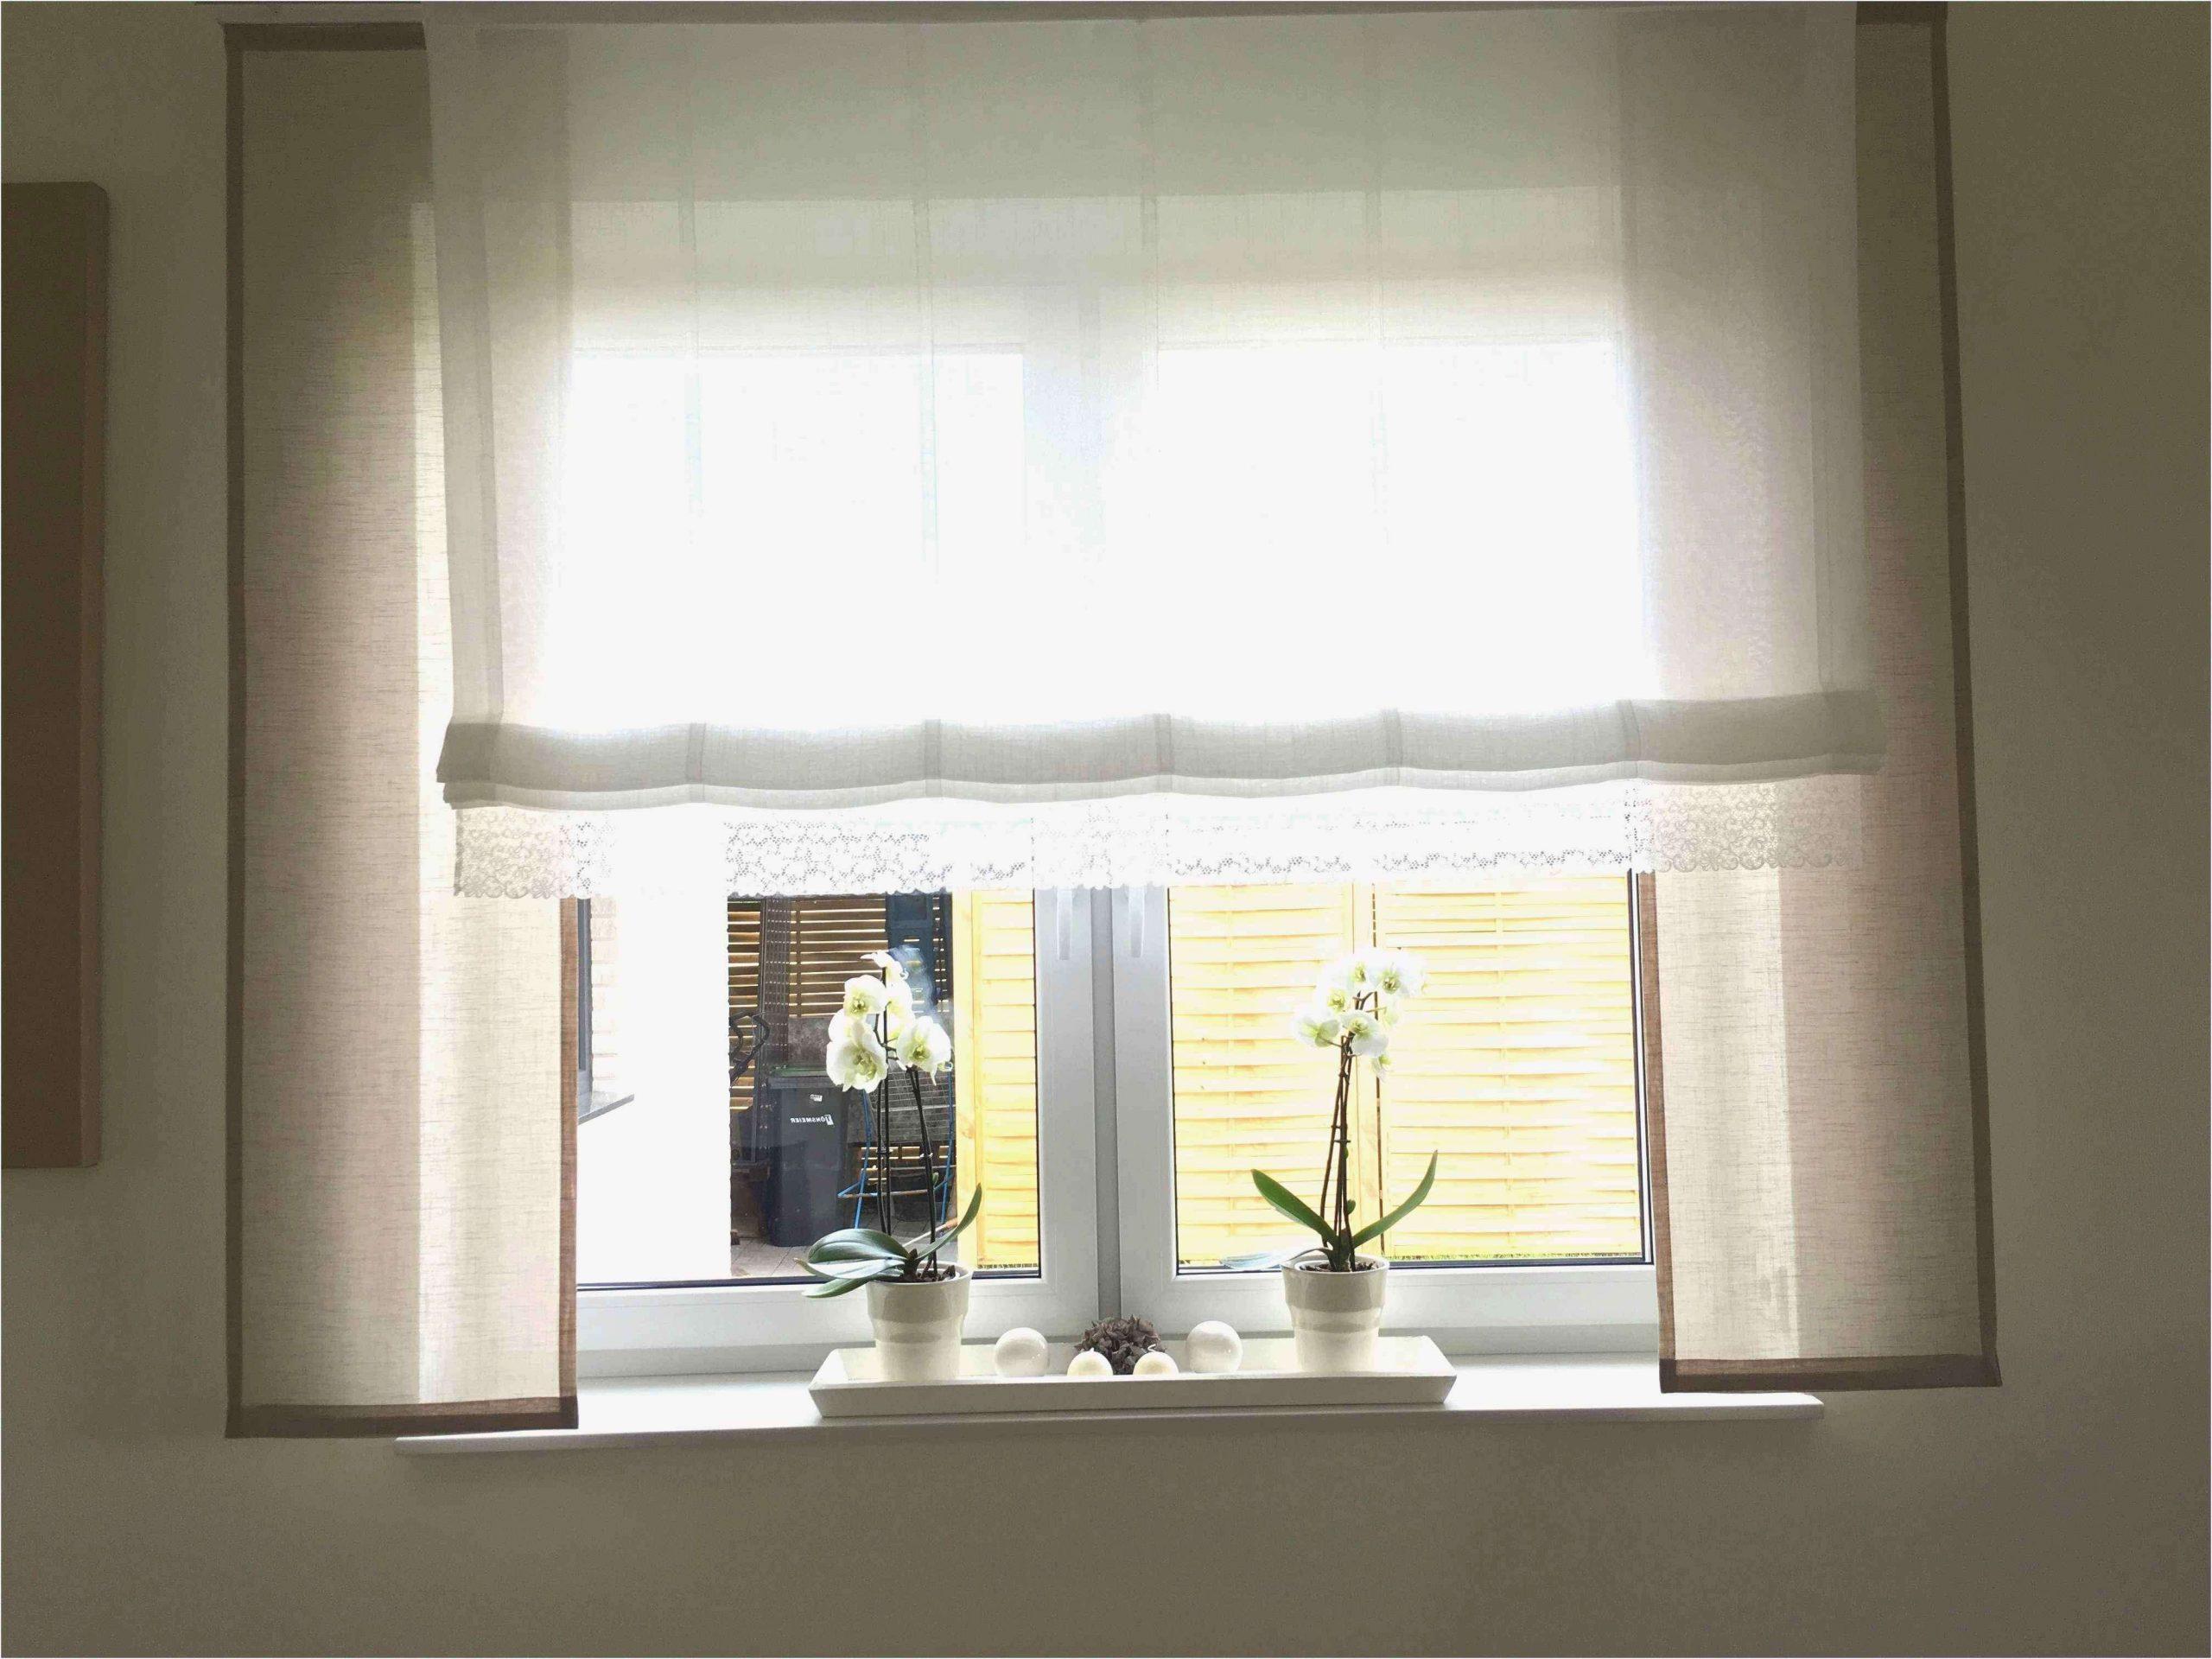 Full Size of Gardinen Wohnzimmer Modern Mit Balkontur Vorhänge Rollo Lampen Moderne Deckenleuchte Deckenlampen Für Bilder Decke Liege Hängeschrank Weiß Hochglanz Wohnzimmer Gardinen Wohnzimmer Modern